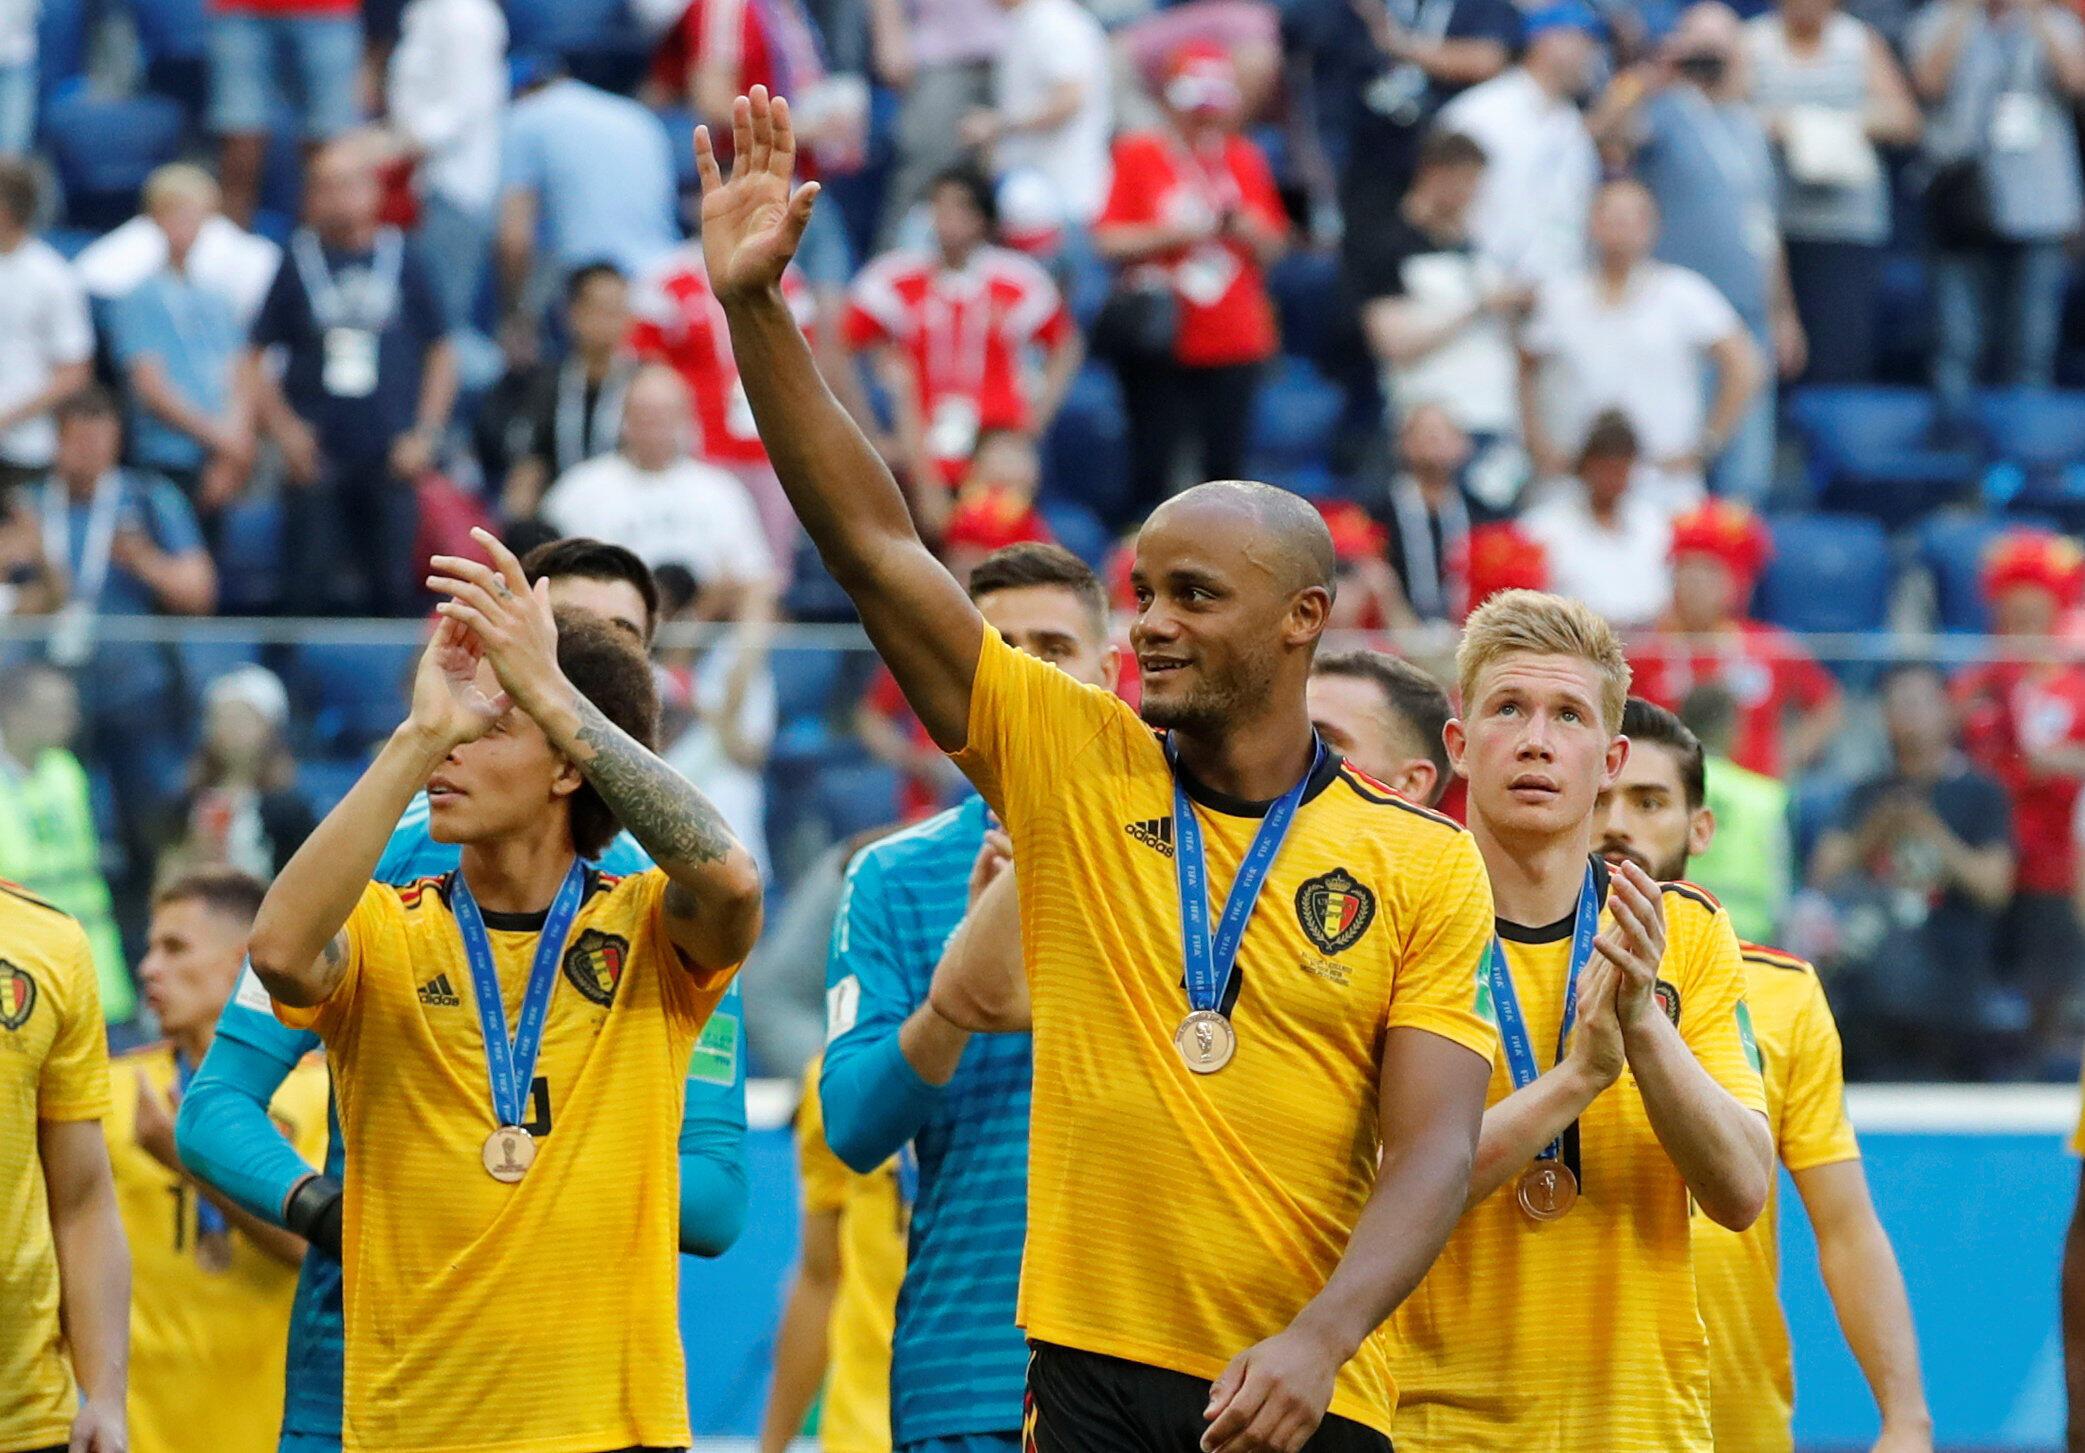 Los 'Diablos Rojos' celebran tener colgada la medalla de bronce por primera vez en la historia.